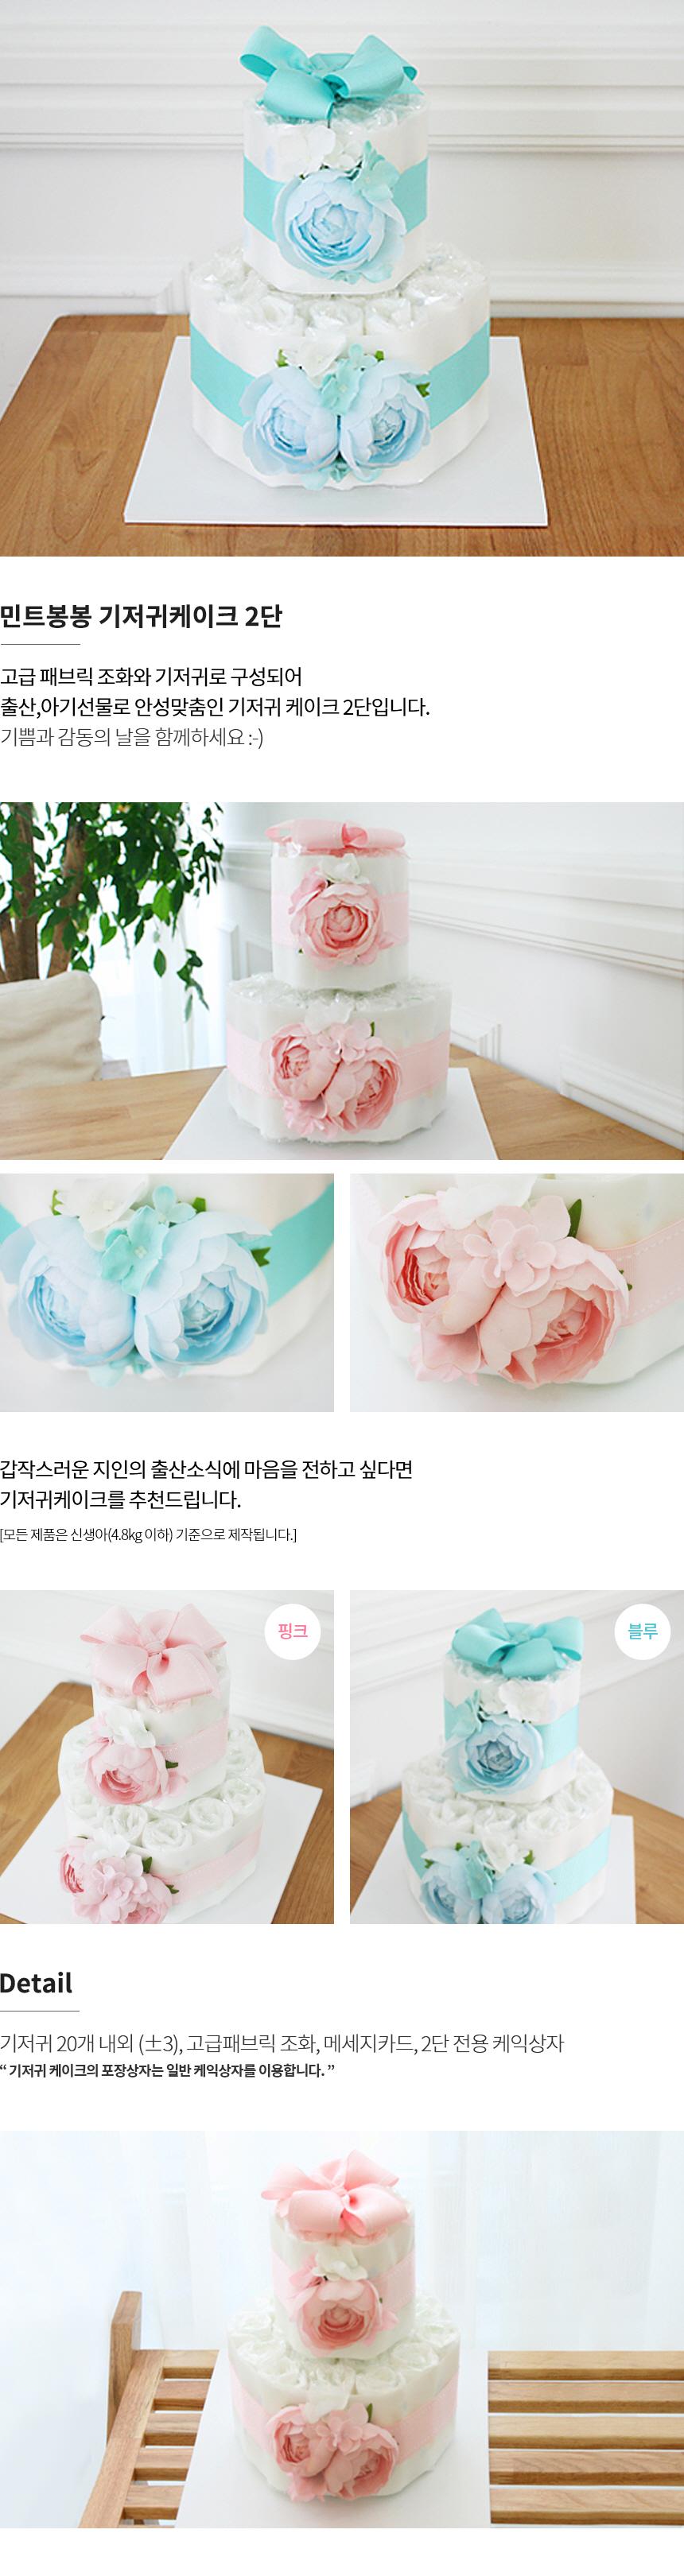 민트봉봉 기저귀 2단 블루&그린 (남아)